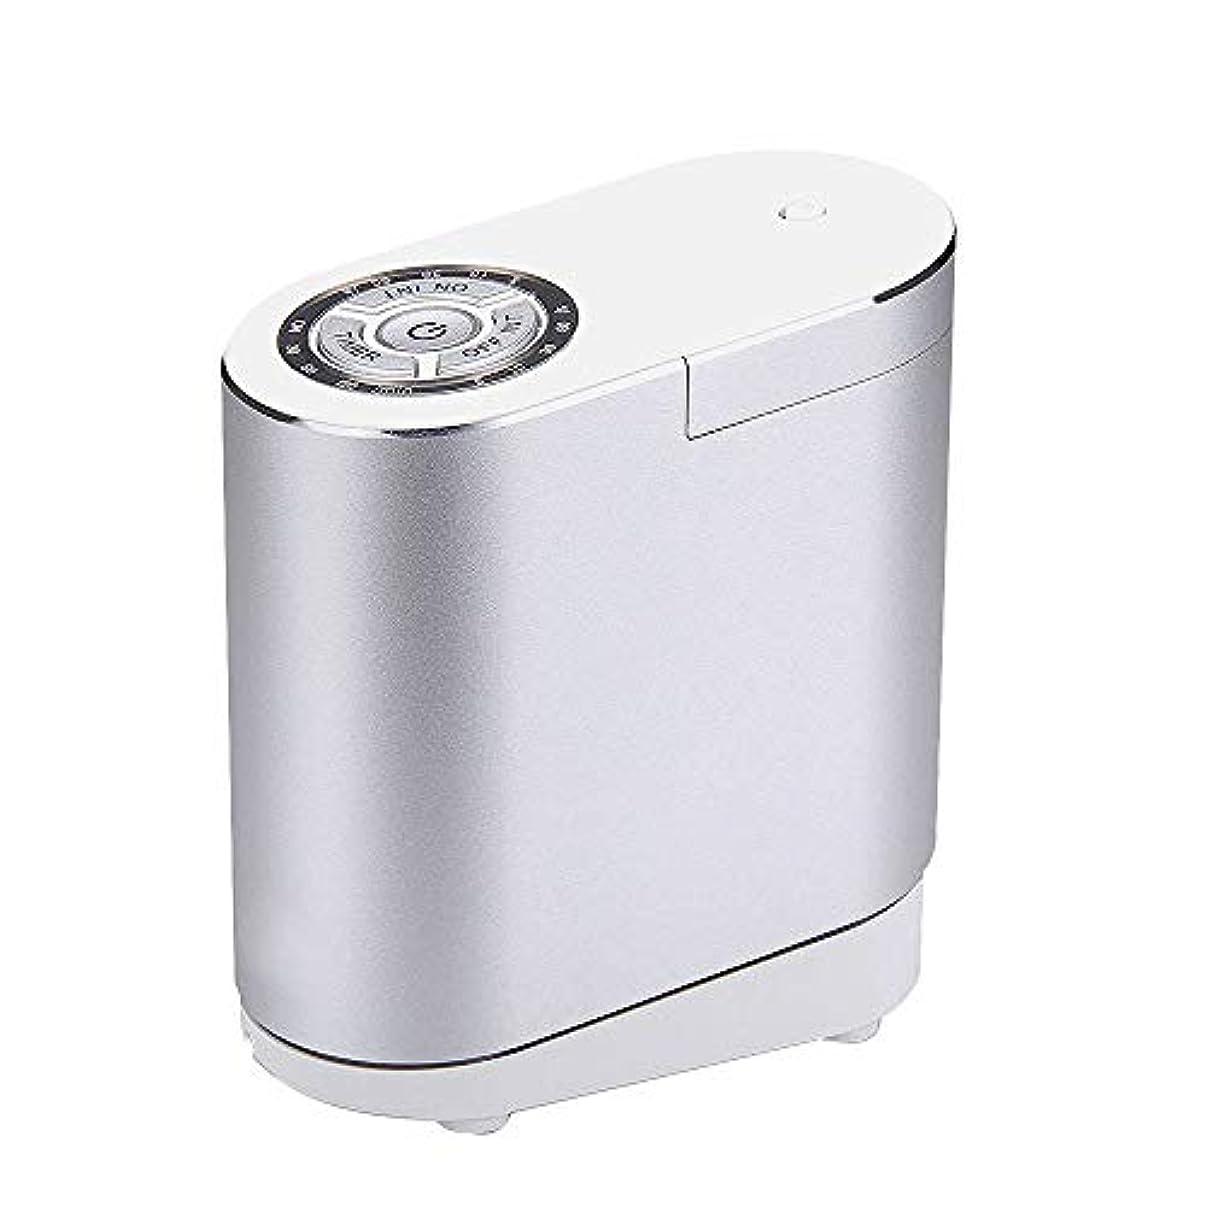 やりがいのあるキャッシュアパート精油の拡散器、総本店の寝室部屋のための携帯用超音波拡散器の涼しい霧の加湿器,silver30ML